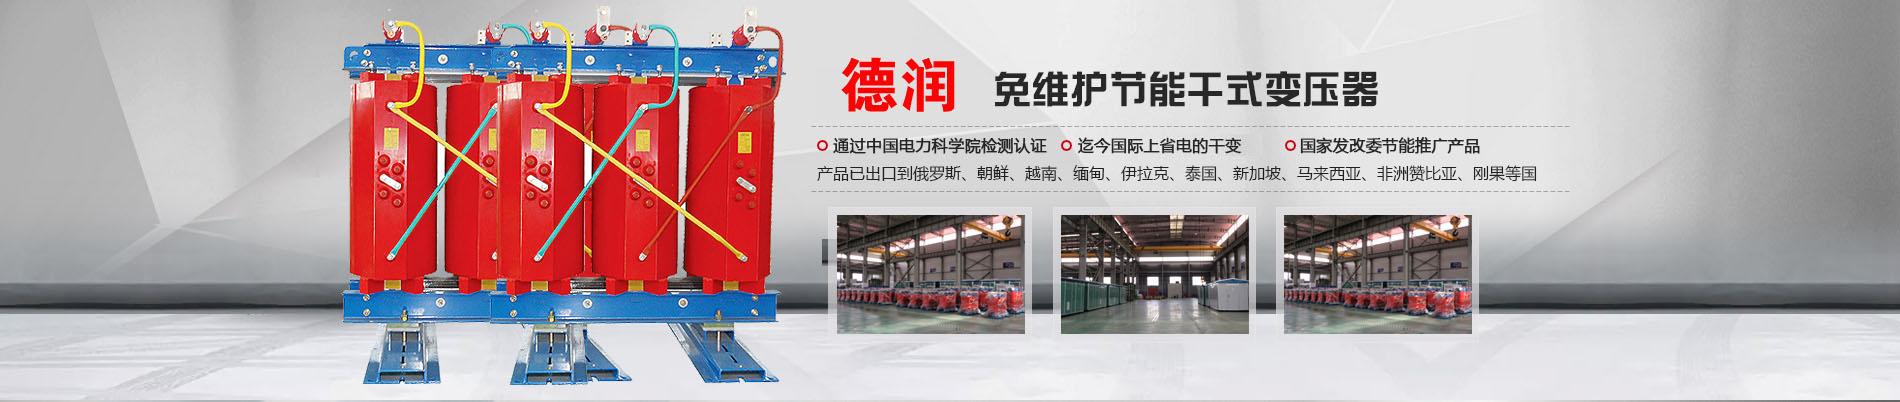 唐山干式变压器厂家